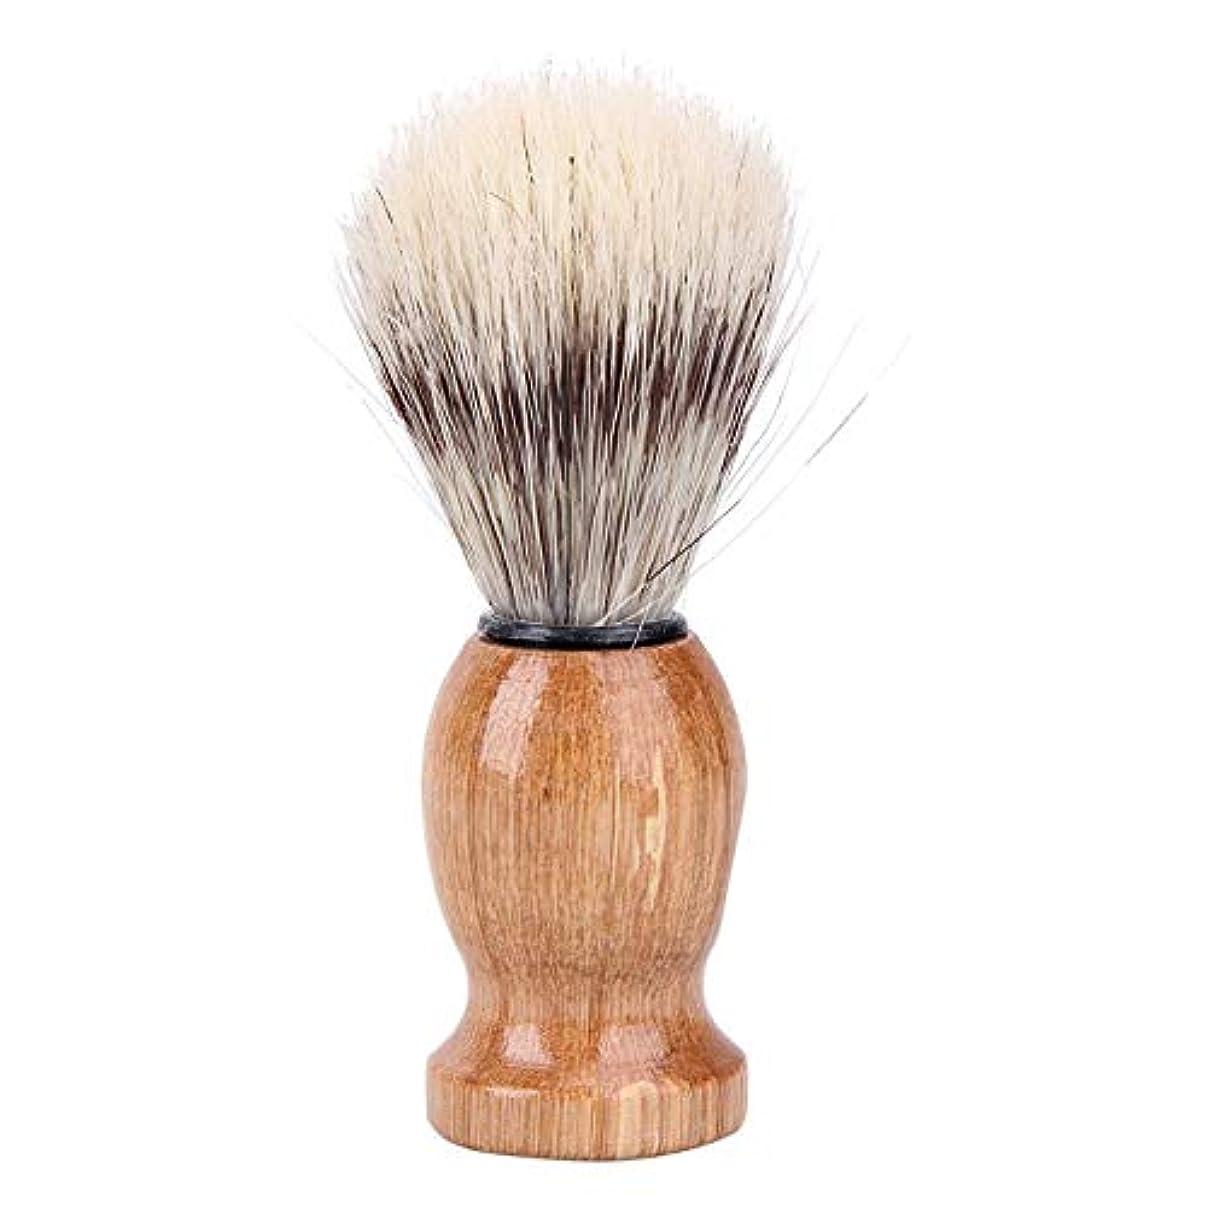 一目慢性的支援1st market スタイリッシュで人気のある黒アナグマの髪の男性のシェービングブラシ床屋サロン顔ひげひげクリーニング